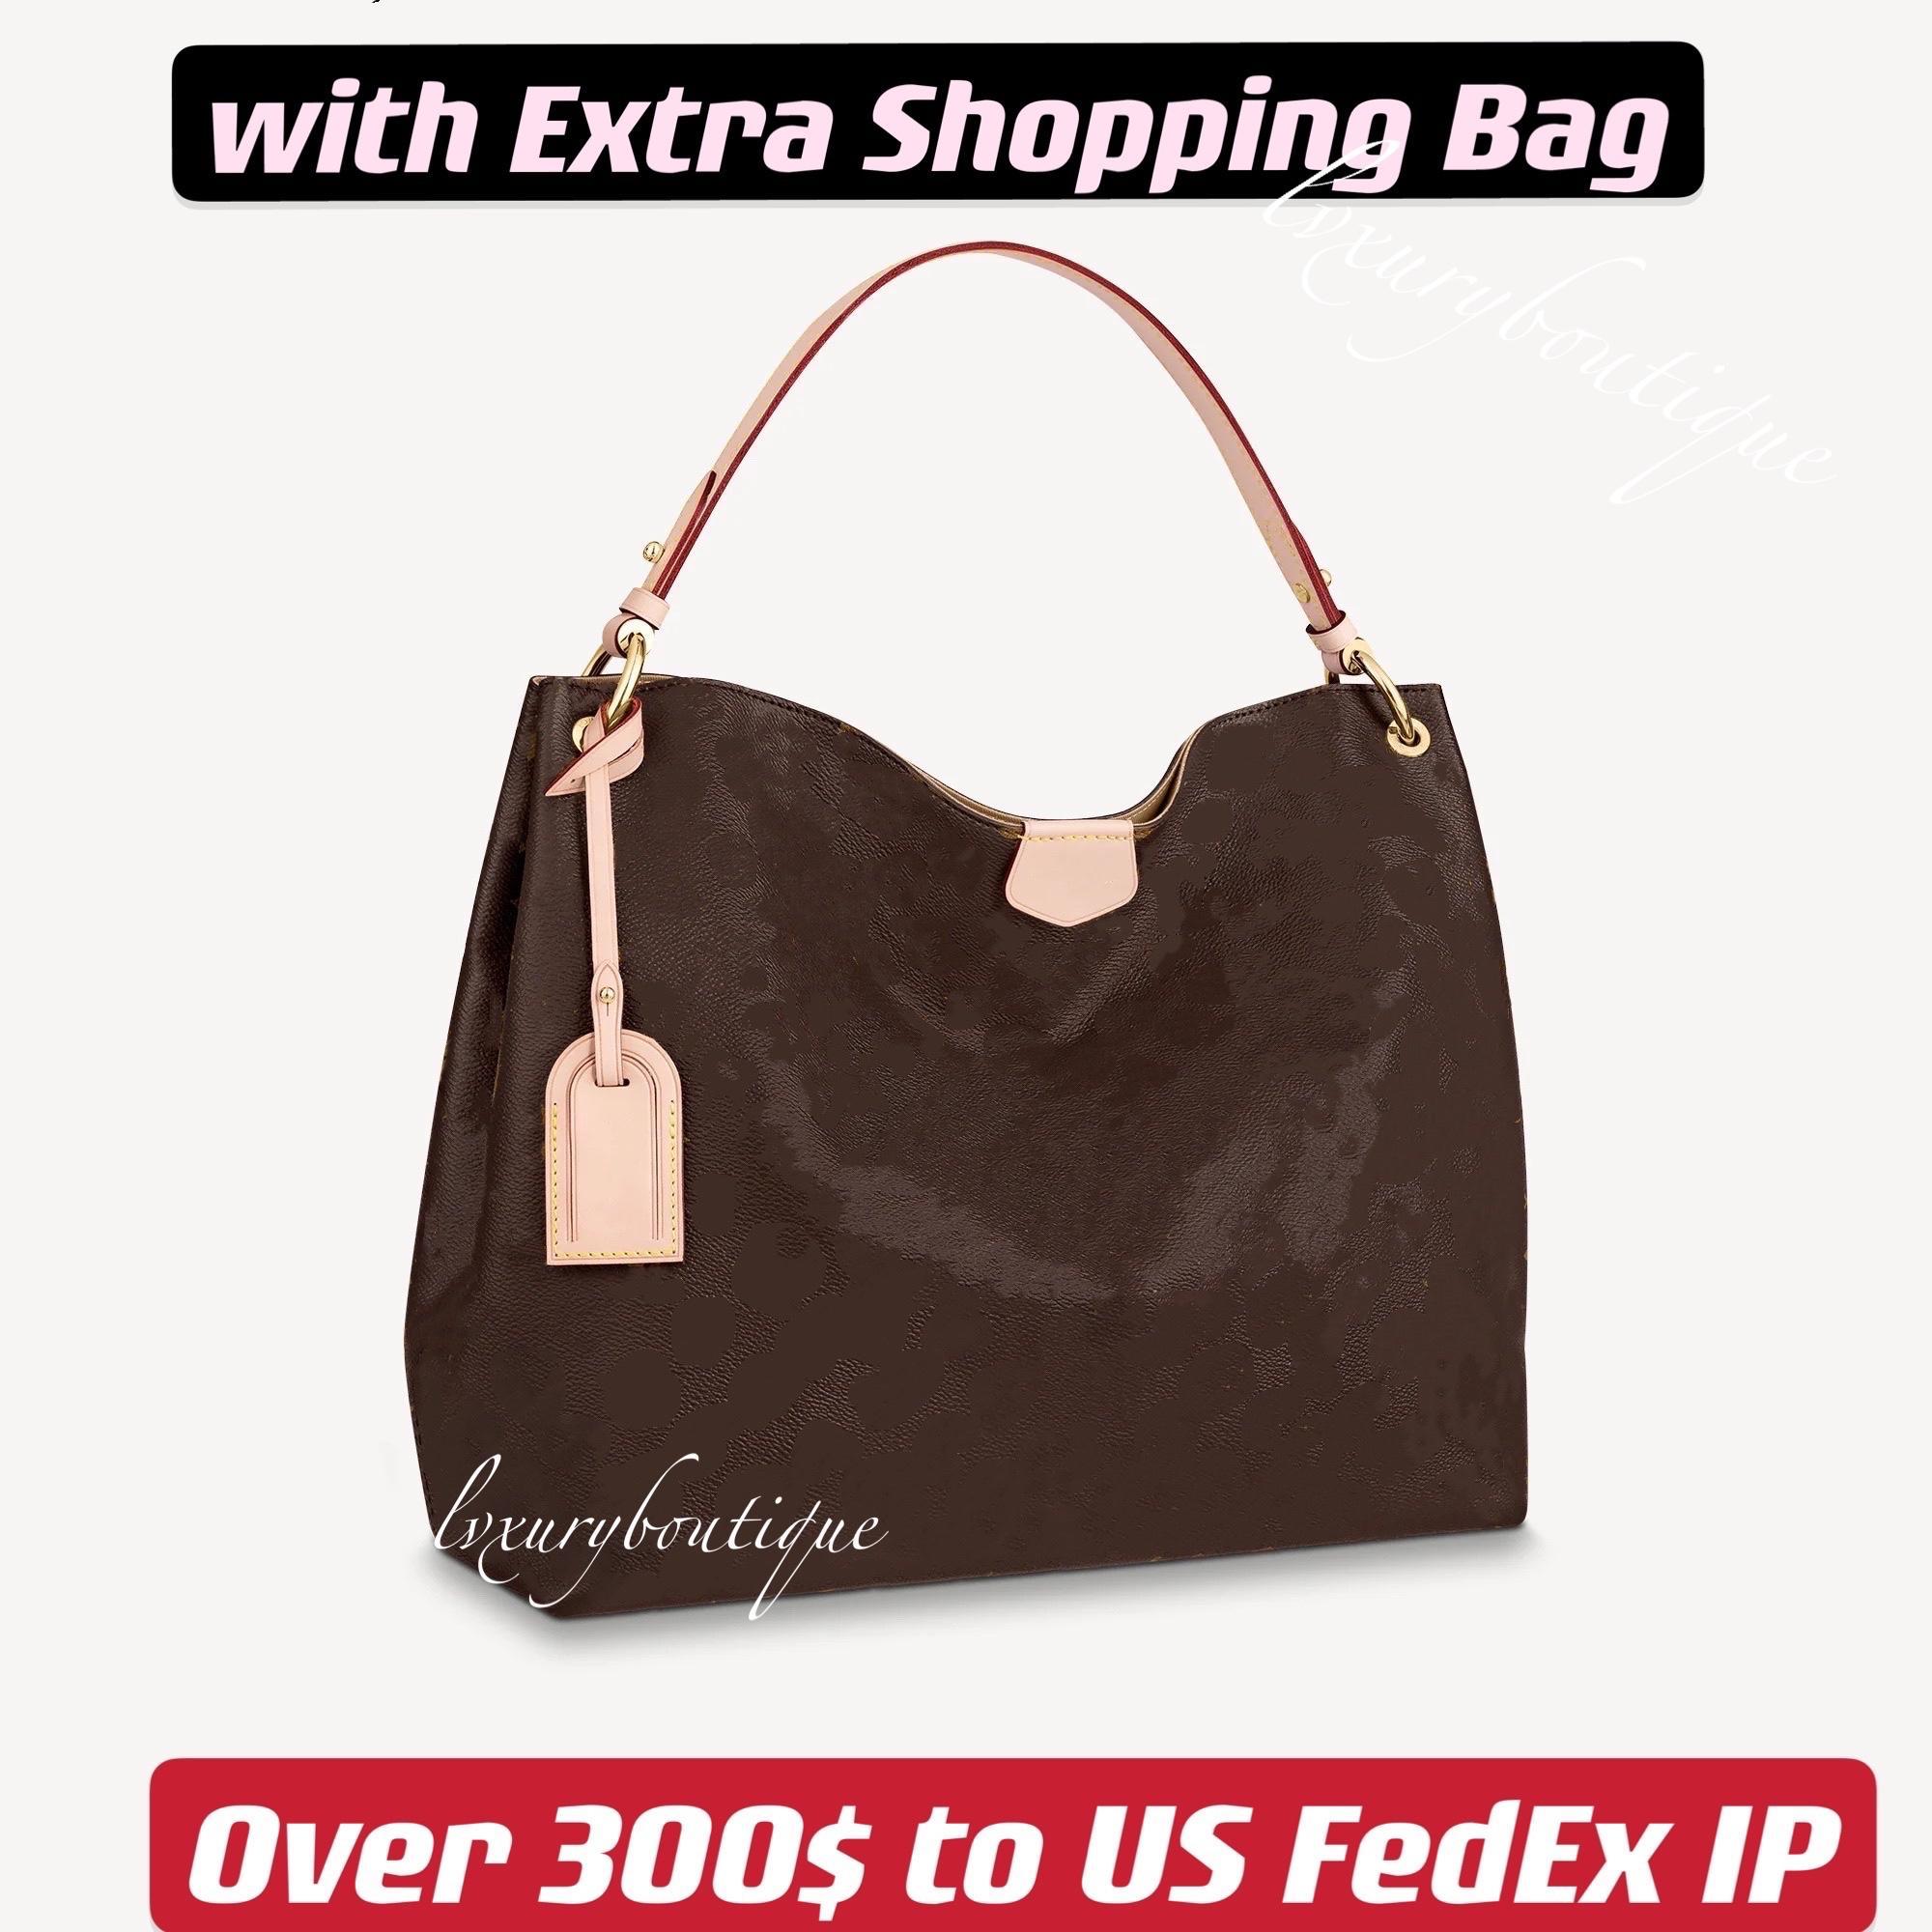 Kadınlar Büyük Alışveriş Çantaları İki Boyutları Klasik Kaplamalı Tuval Lady Roomy Hobos Tarzı Tote Çanta